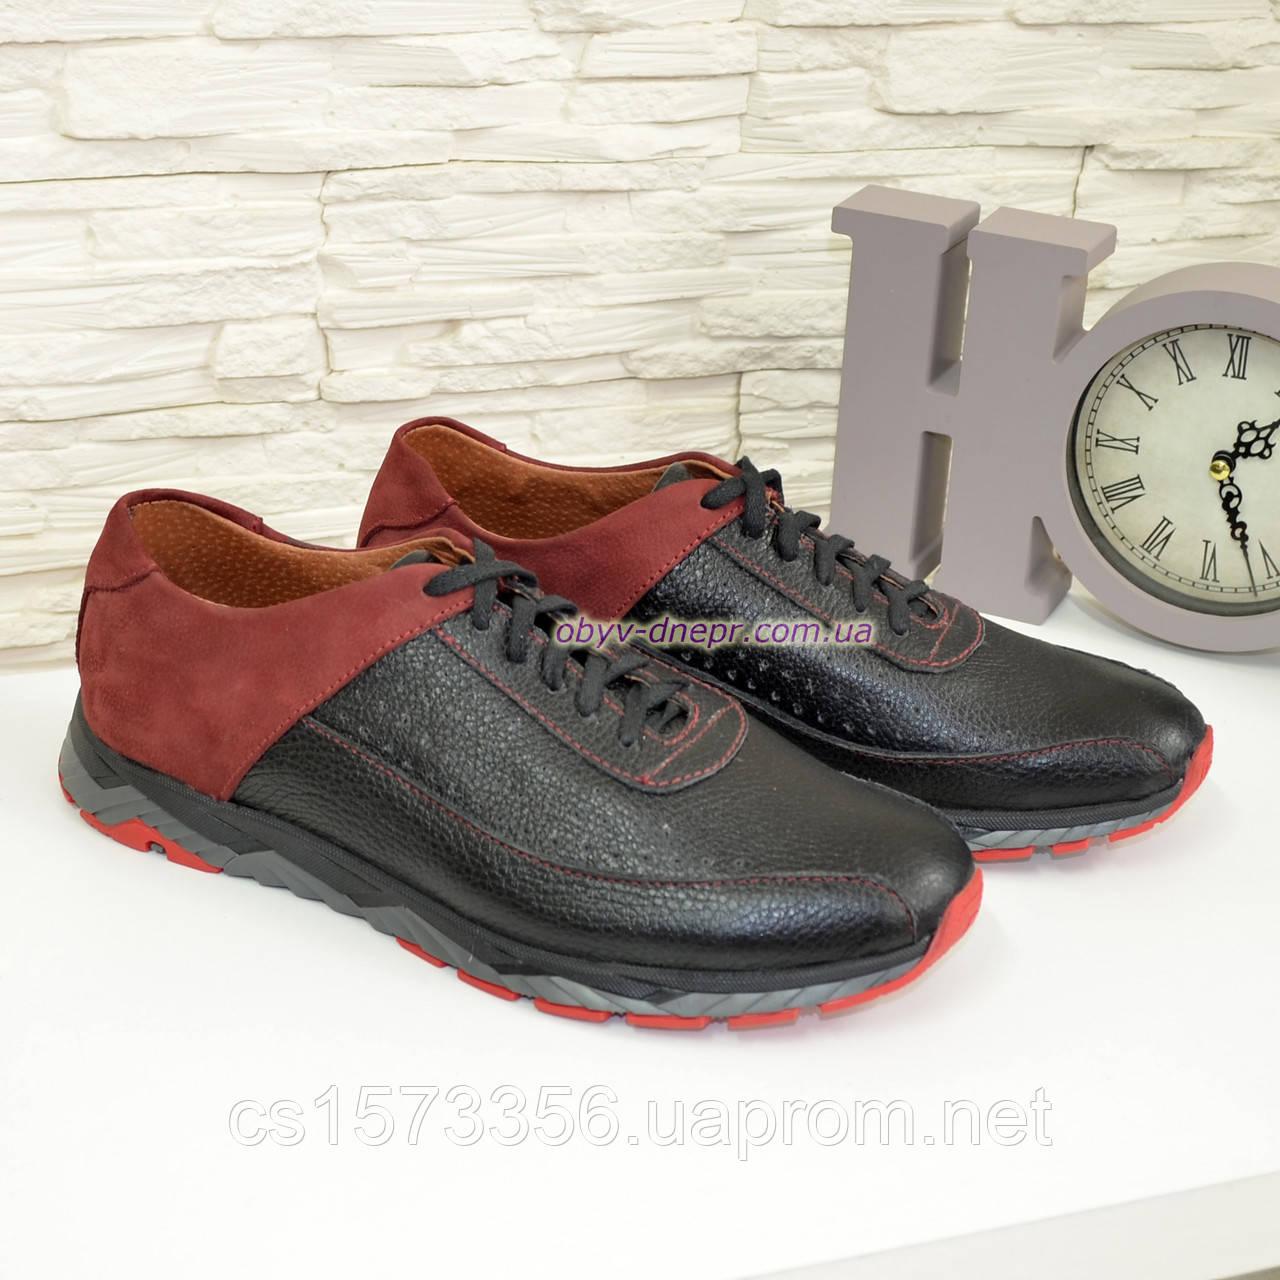 Кроссовки мужские кожаные на шнурках